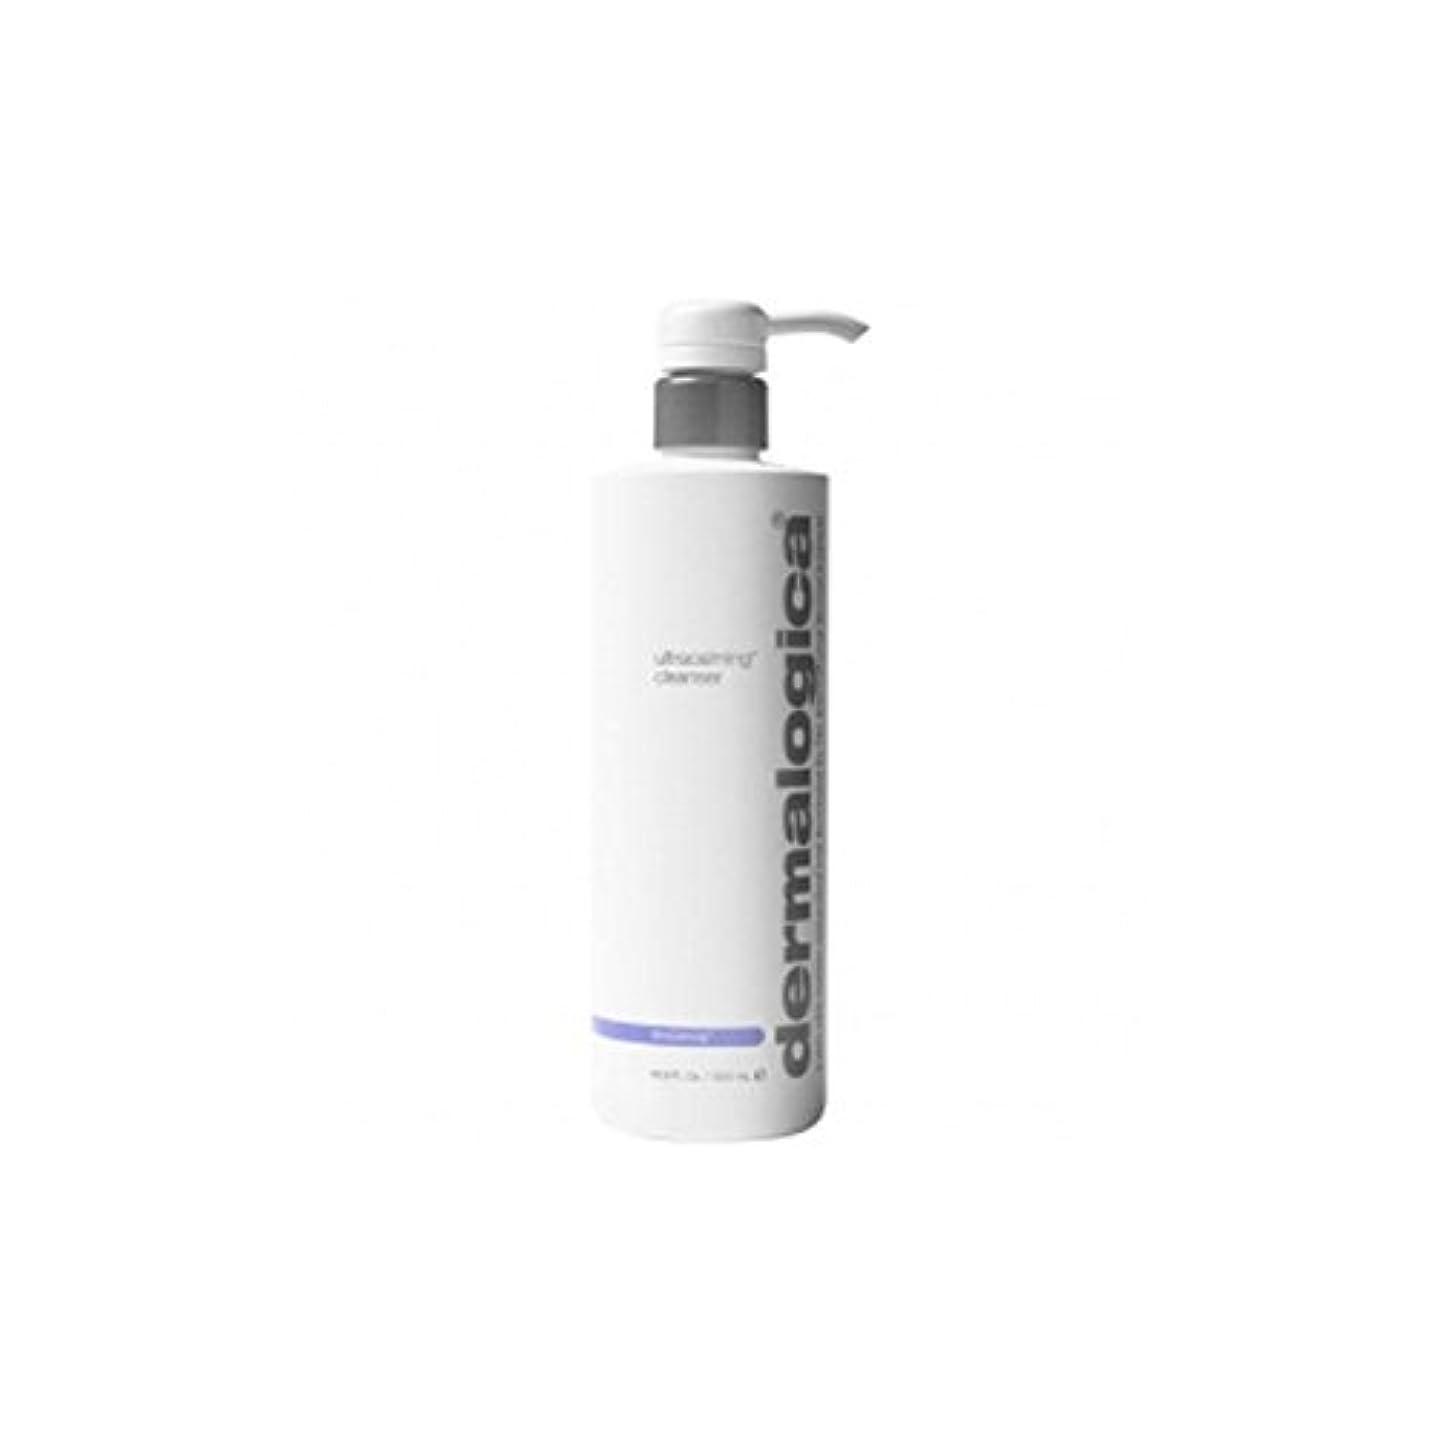 アーティファクト抑圧者赤ちゃんダーマロジカクレンザー(500ミリリットル) x4 - Dermalogica Ultracalming Cleanser (500ml) (Pack of 4) [並行輸入品]